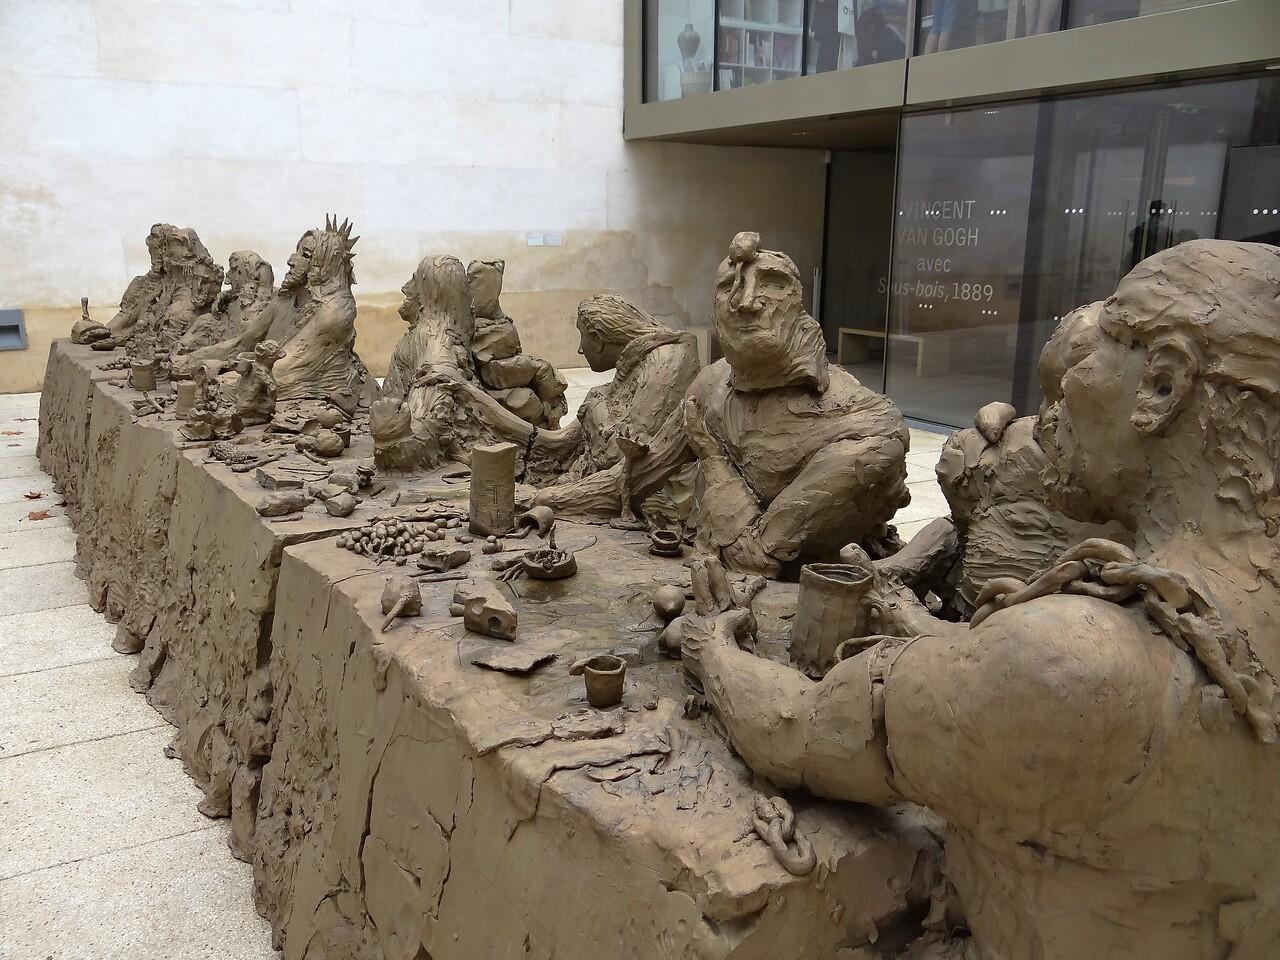 Arles Urs Fischer exhibit